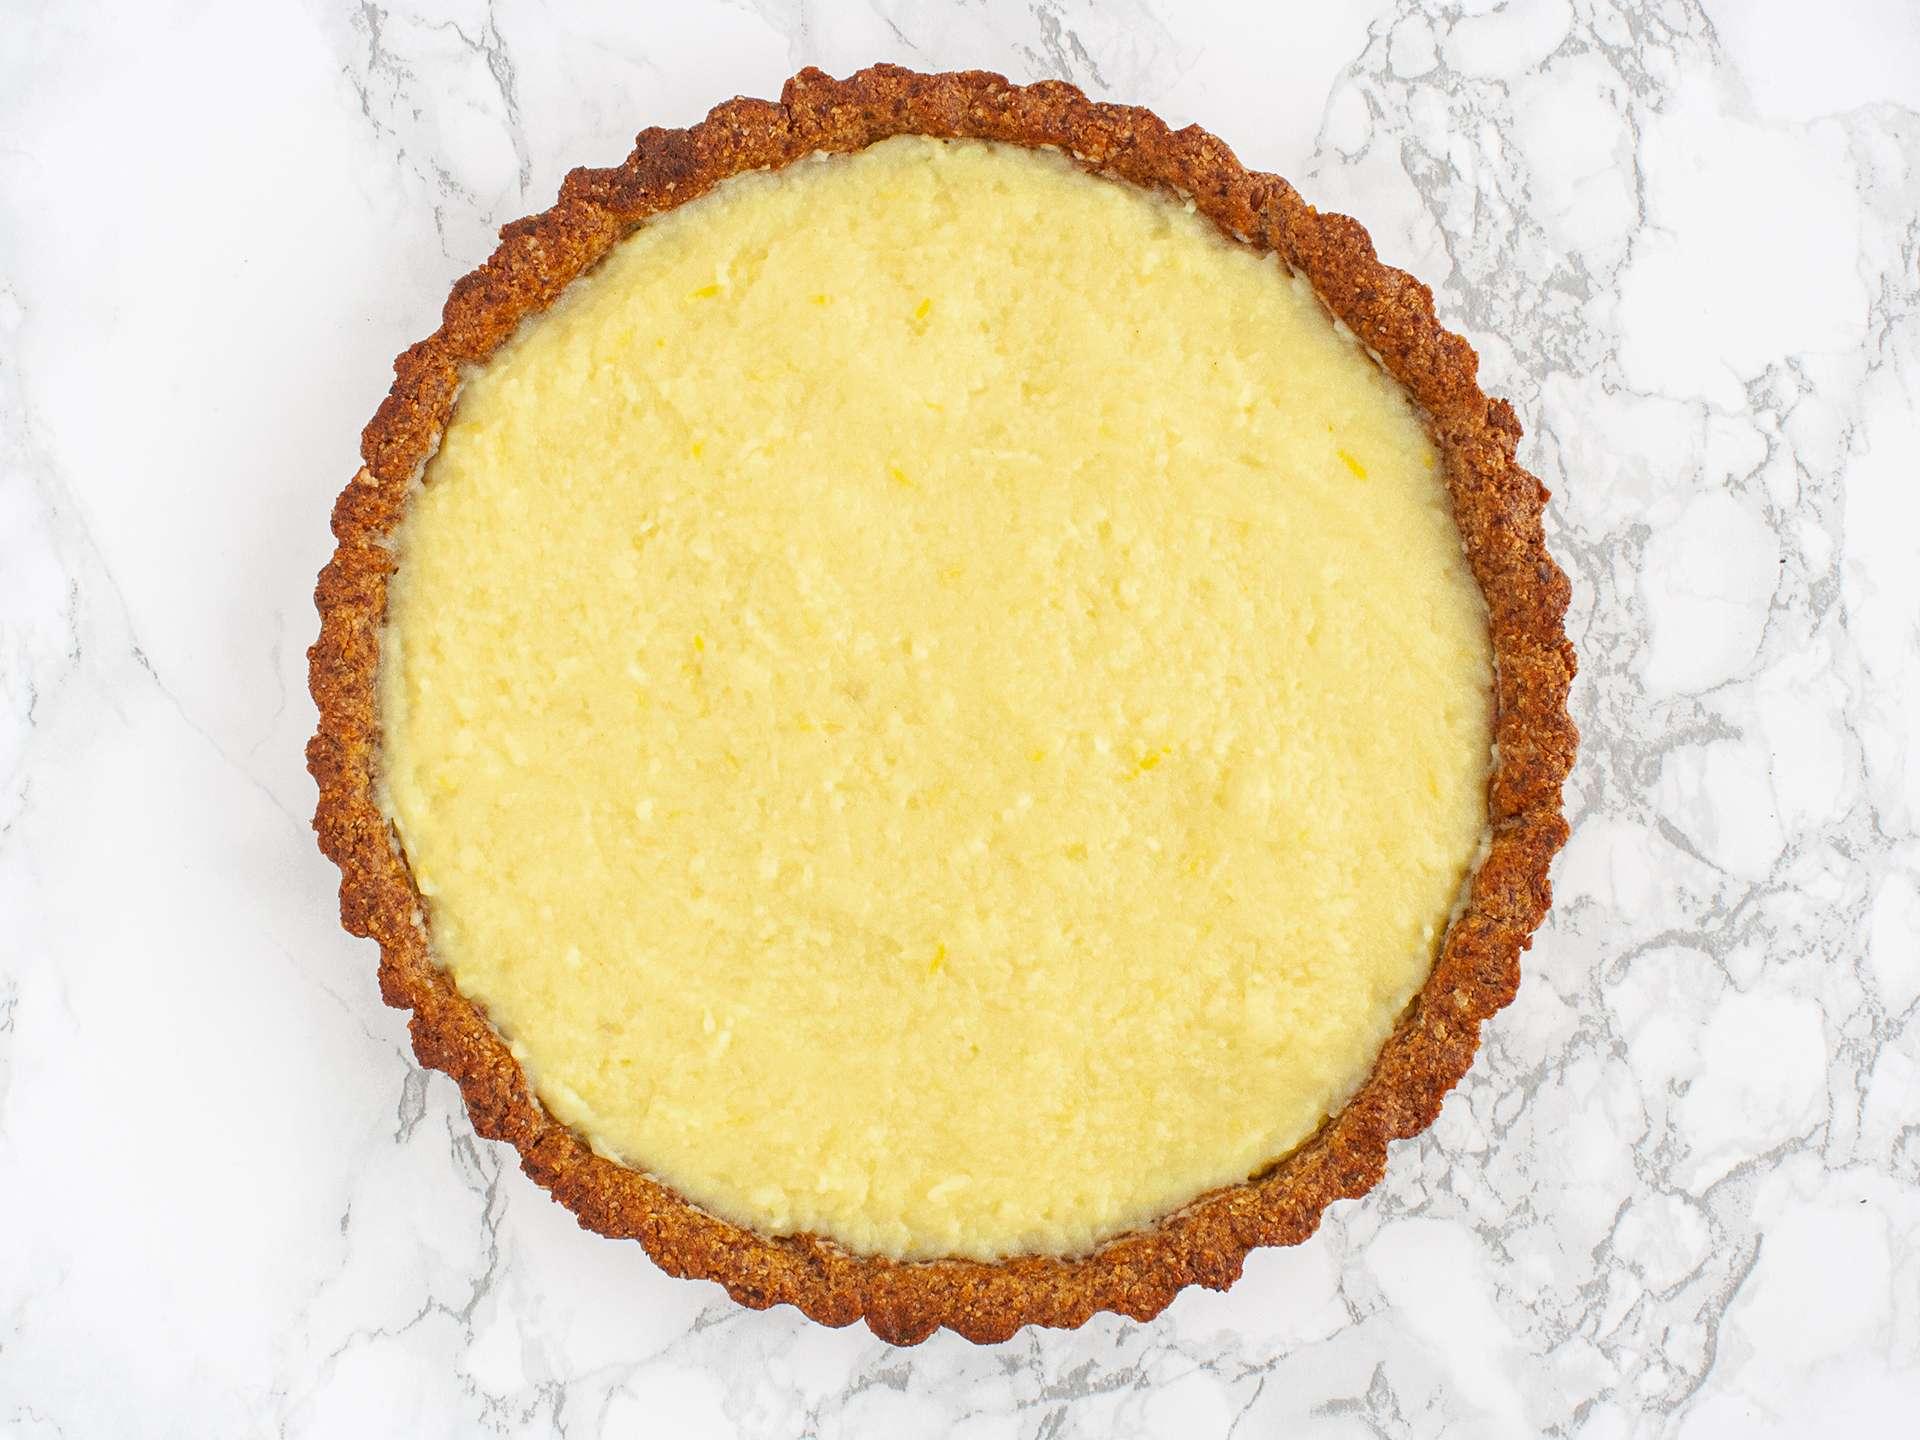 Step 3.2 of Gluten Free Vegan Lemon Tart